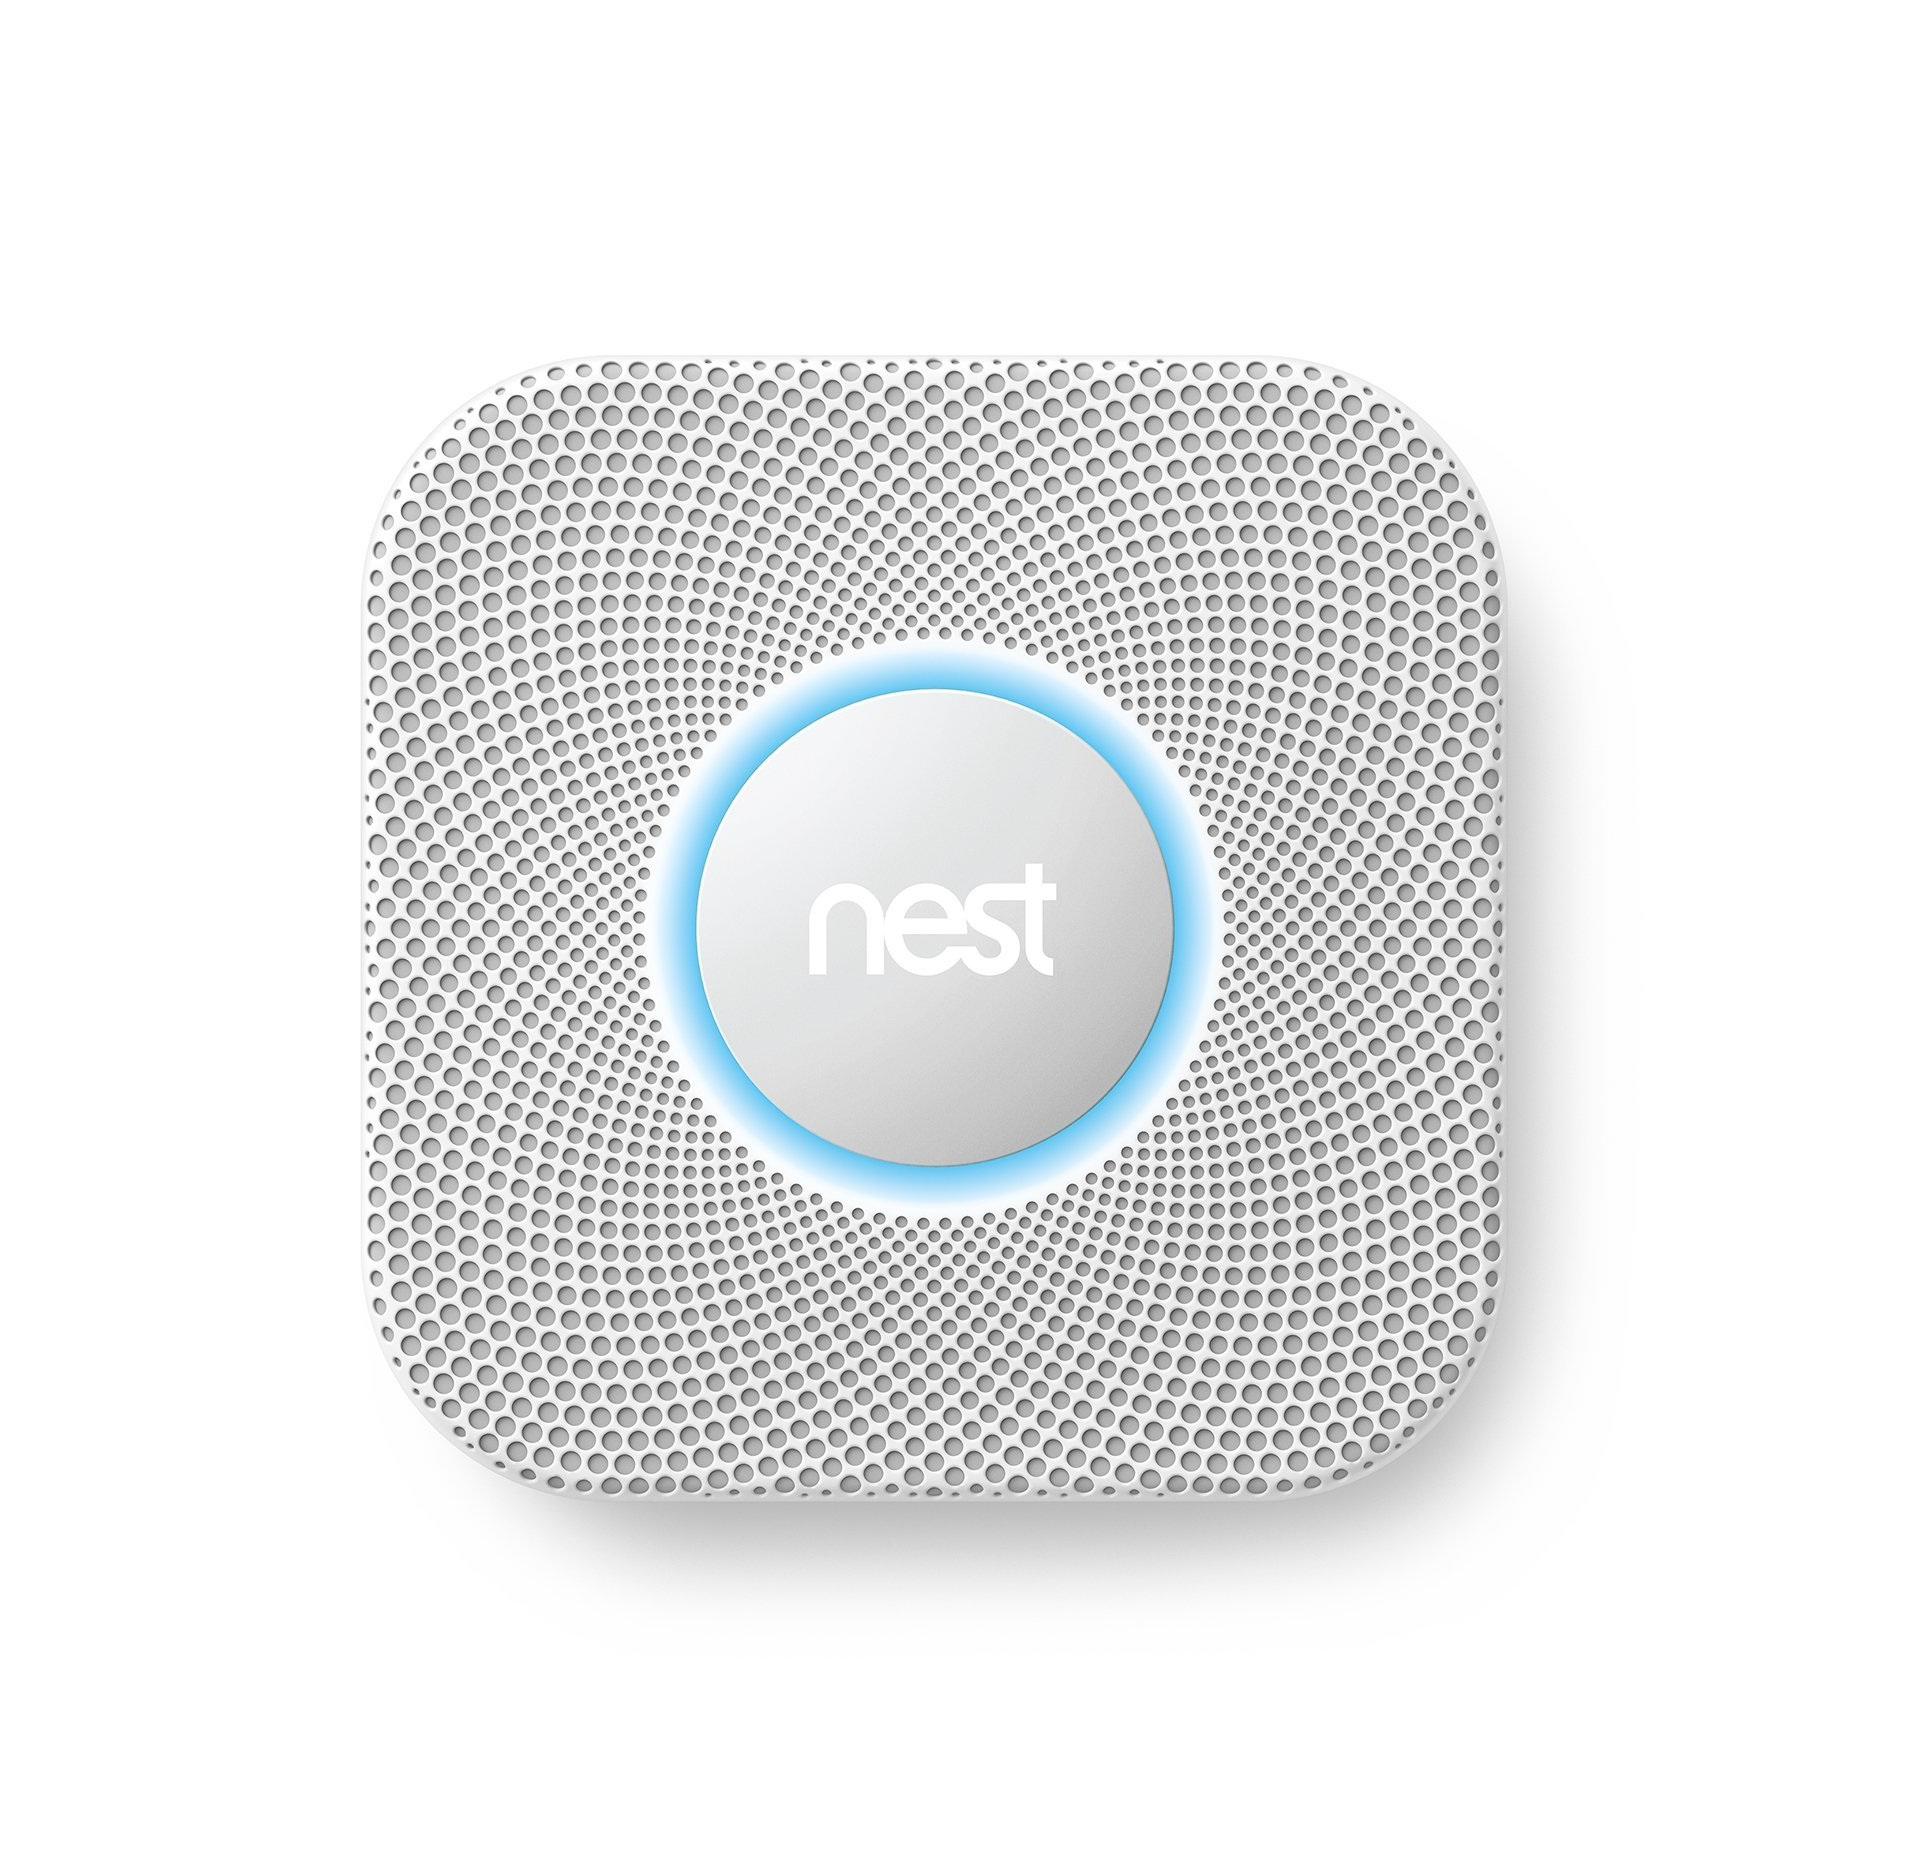 Nest Protect Smoke Plus Carbon Monoxide